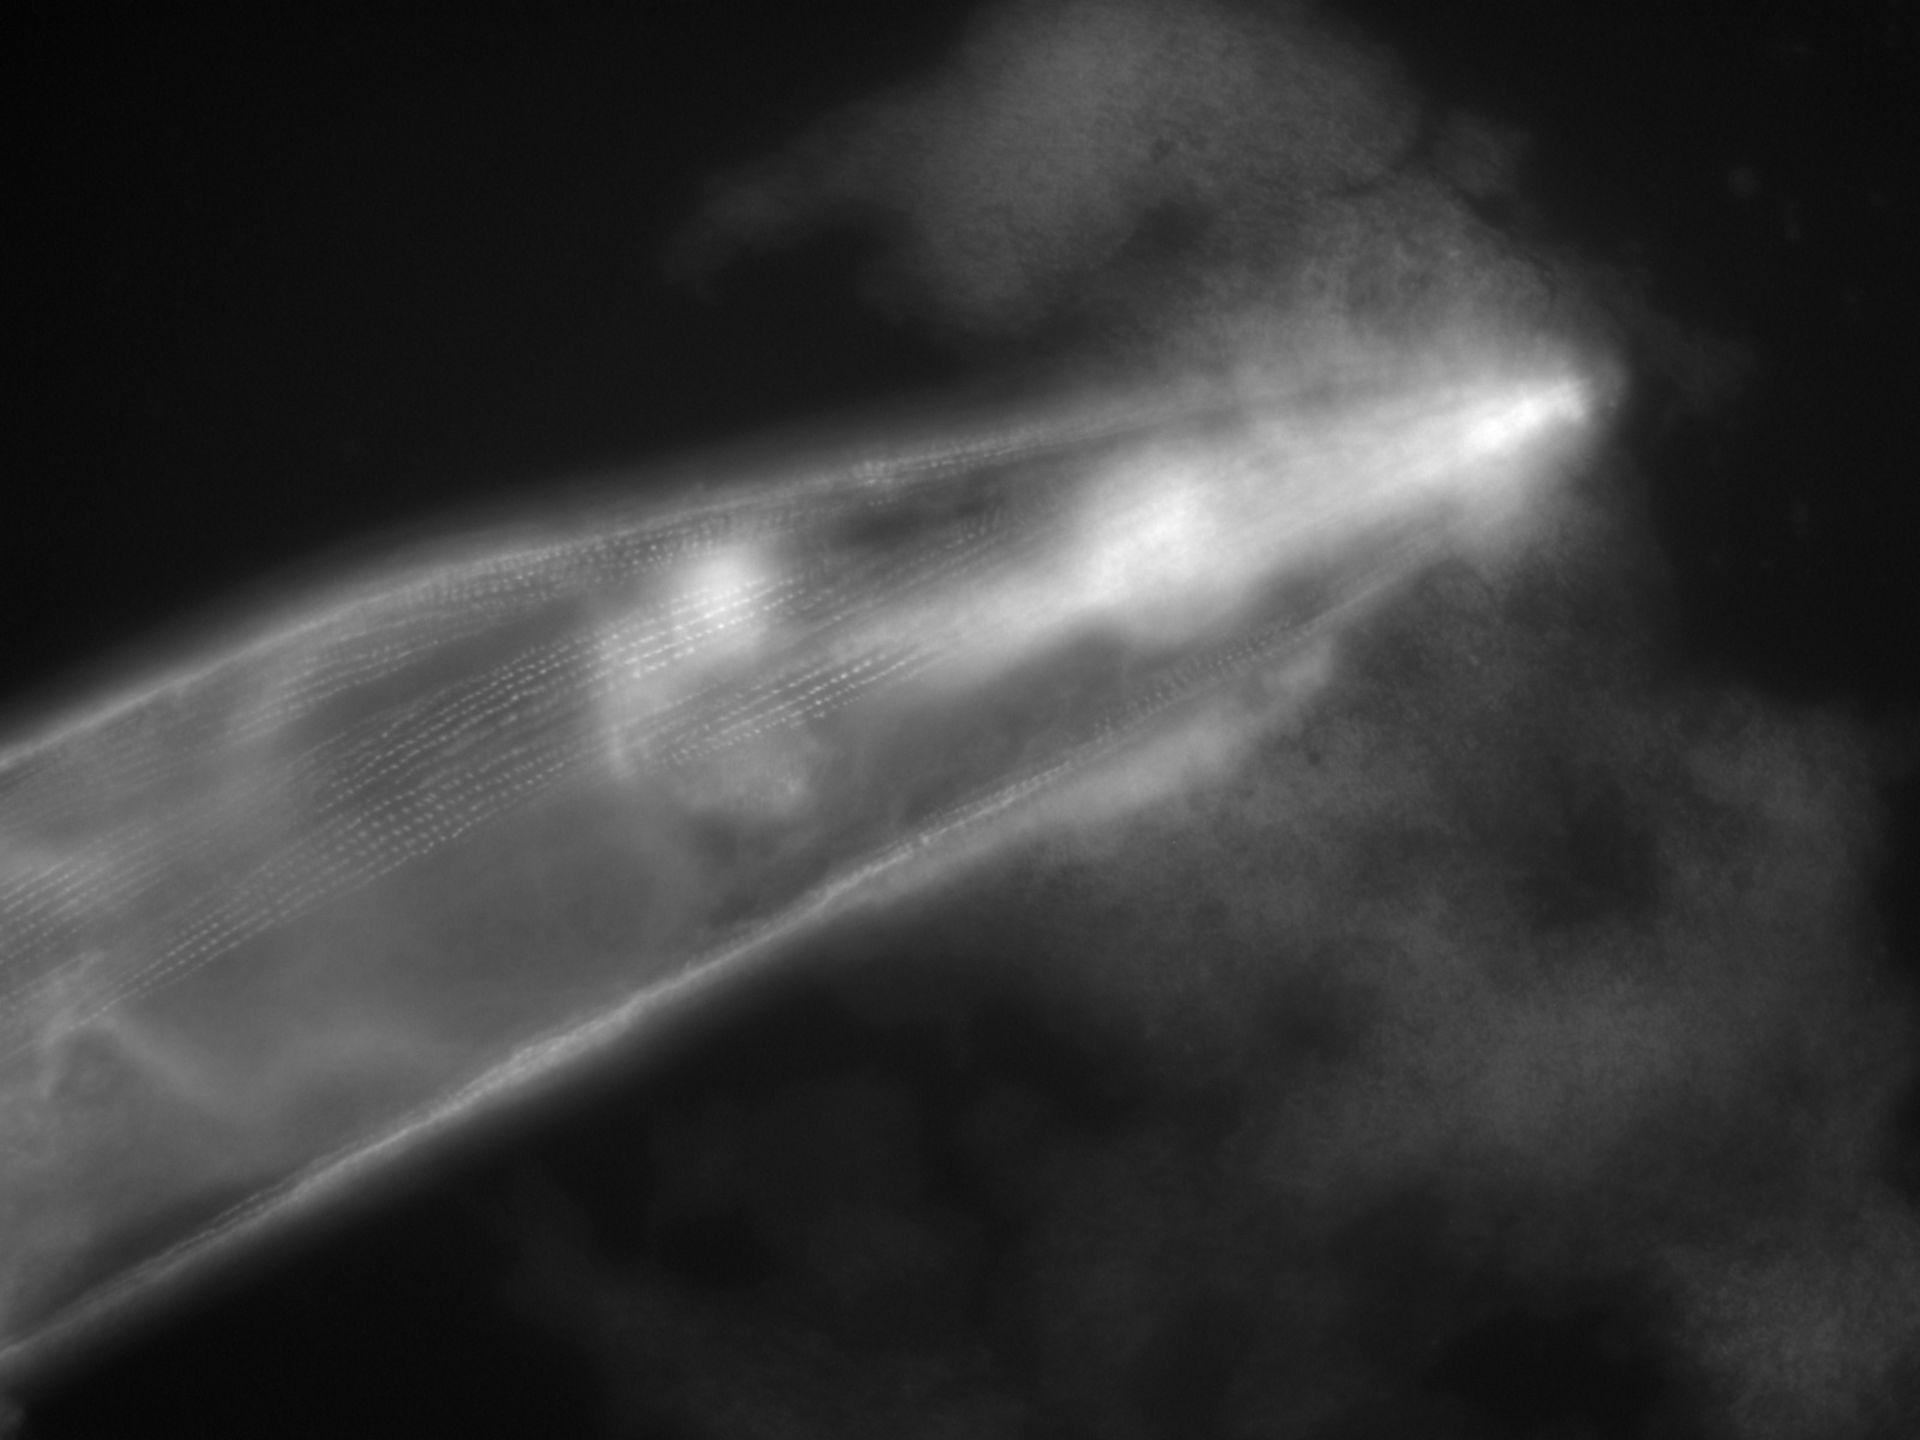 Caenorhabditis elegans (filamento di actina) - CIL:1122